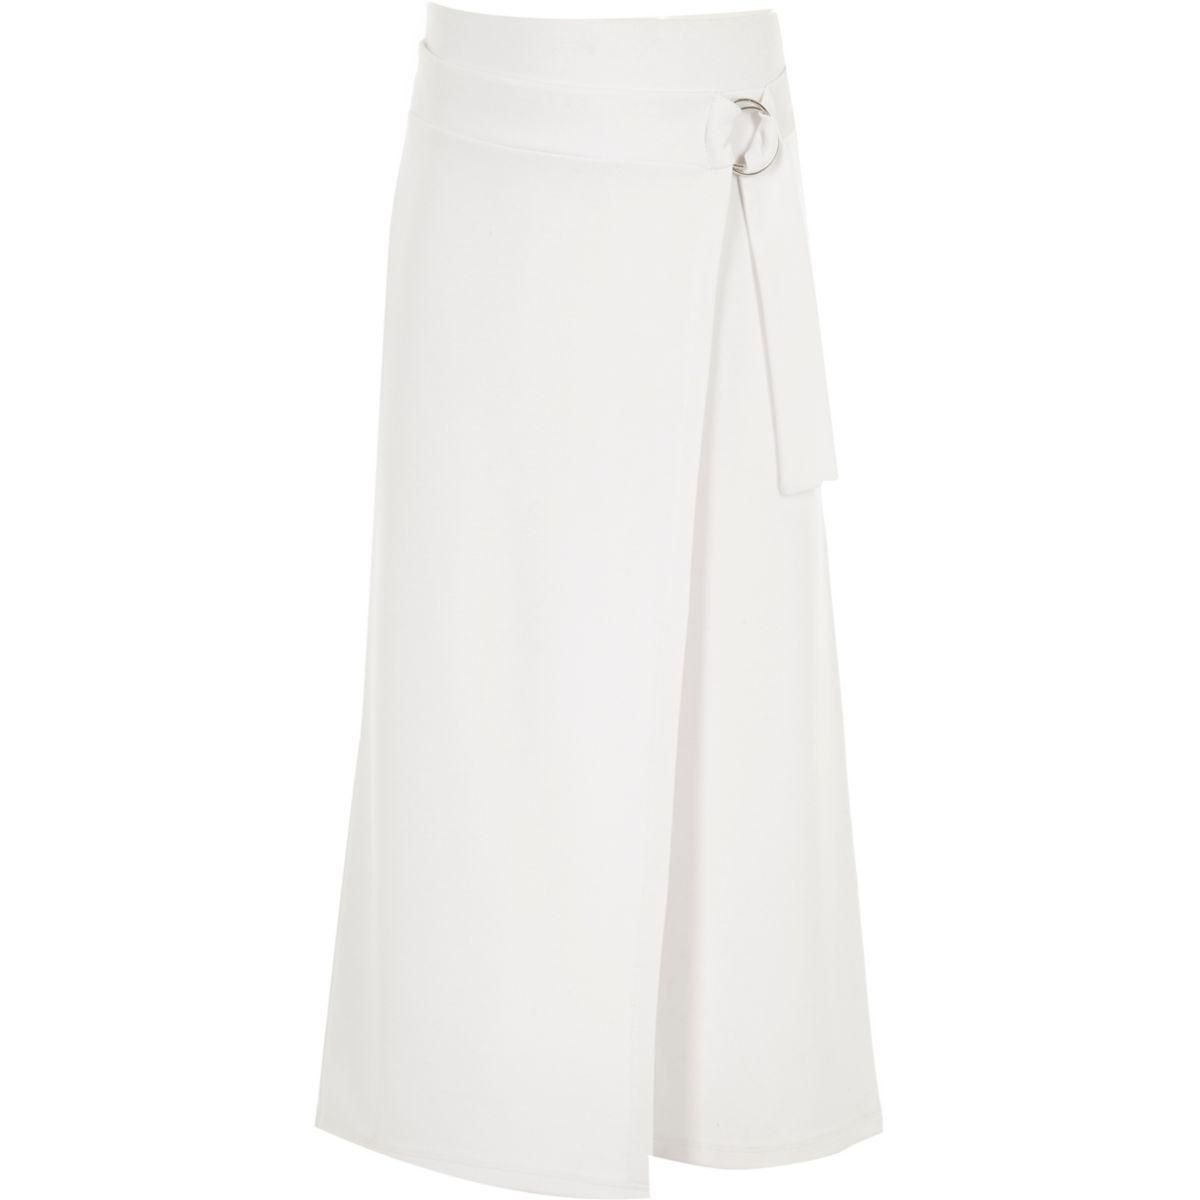 Weißer Hosenrock mit D-Ring